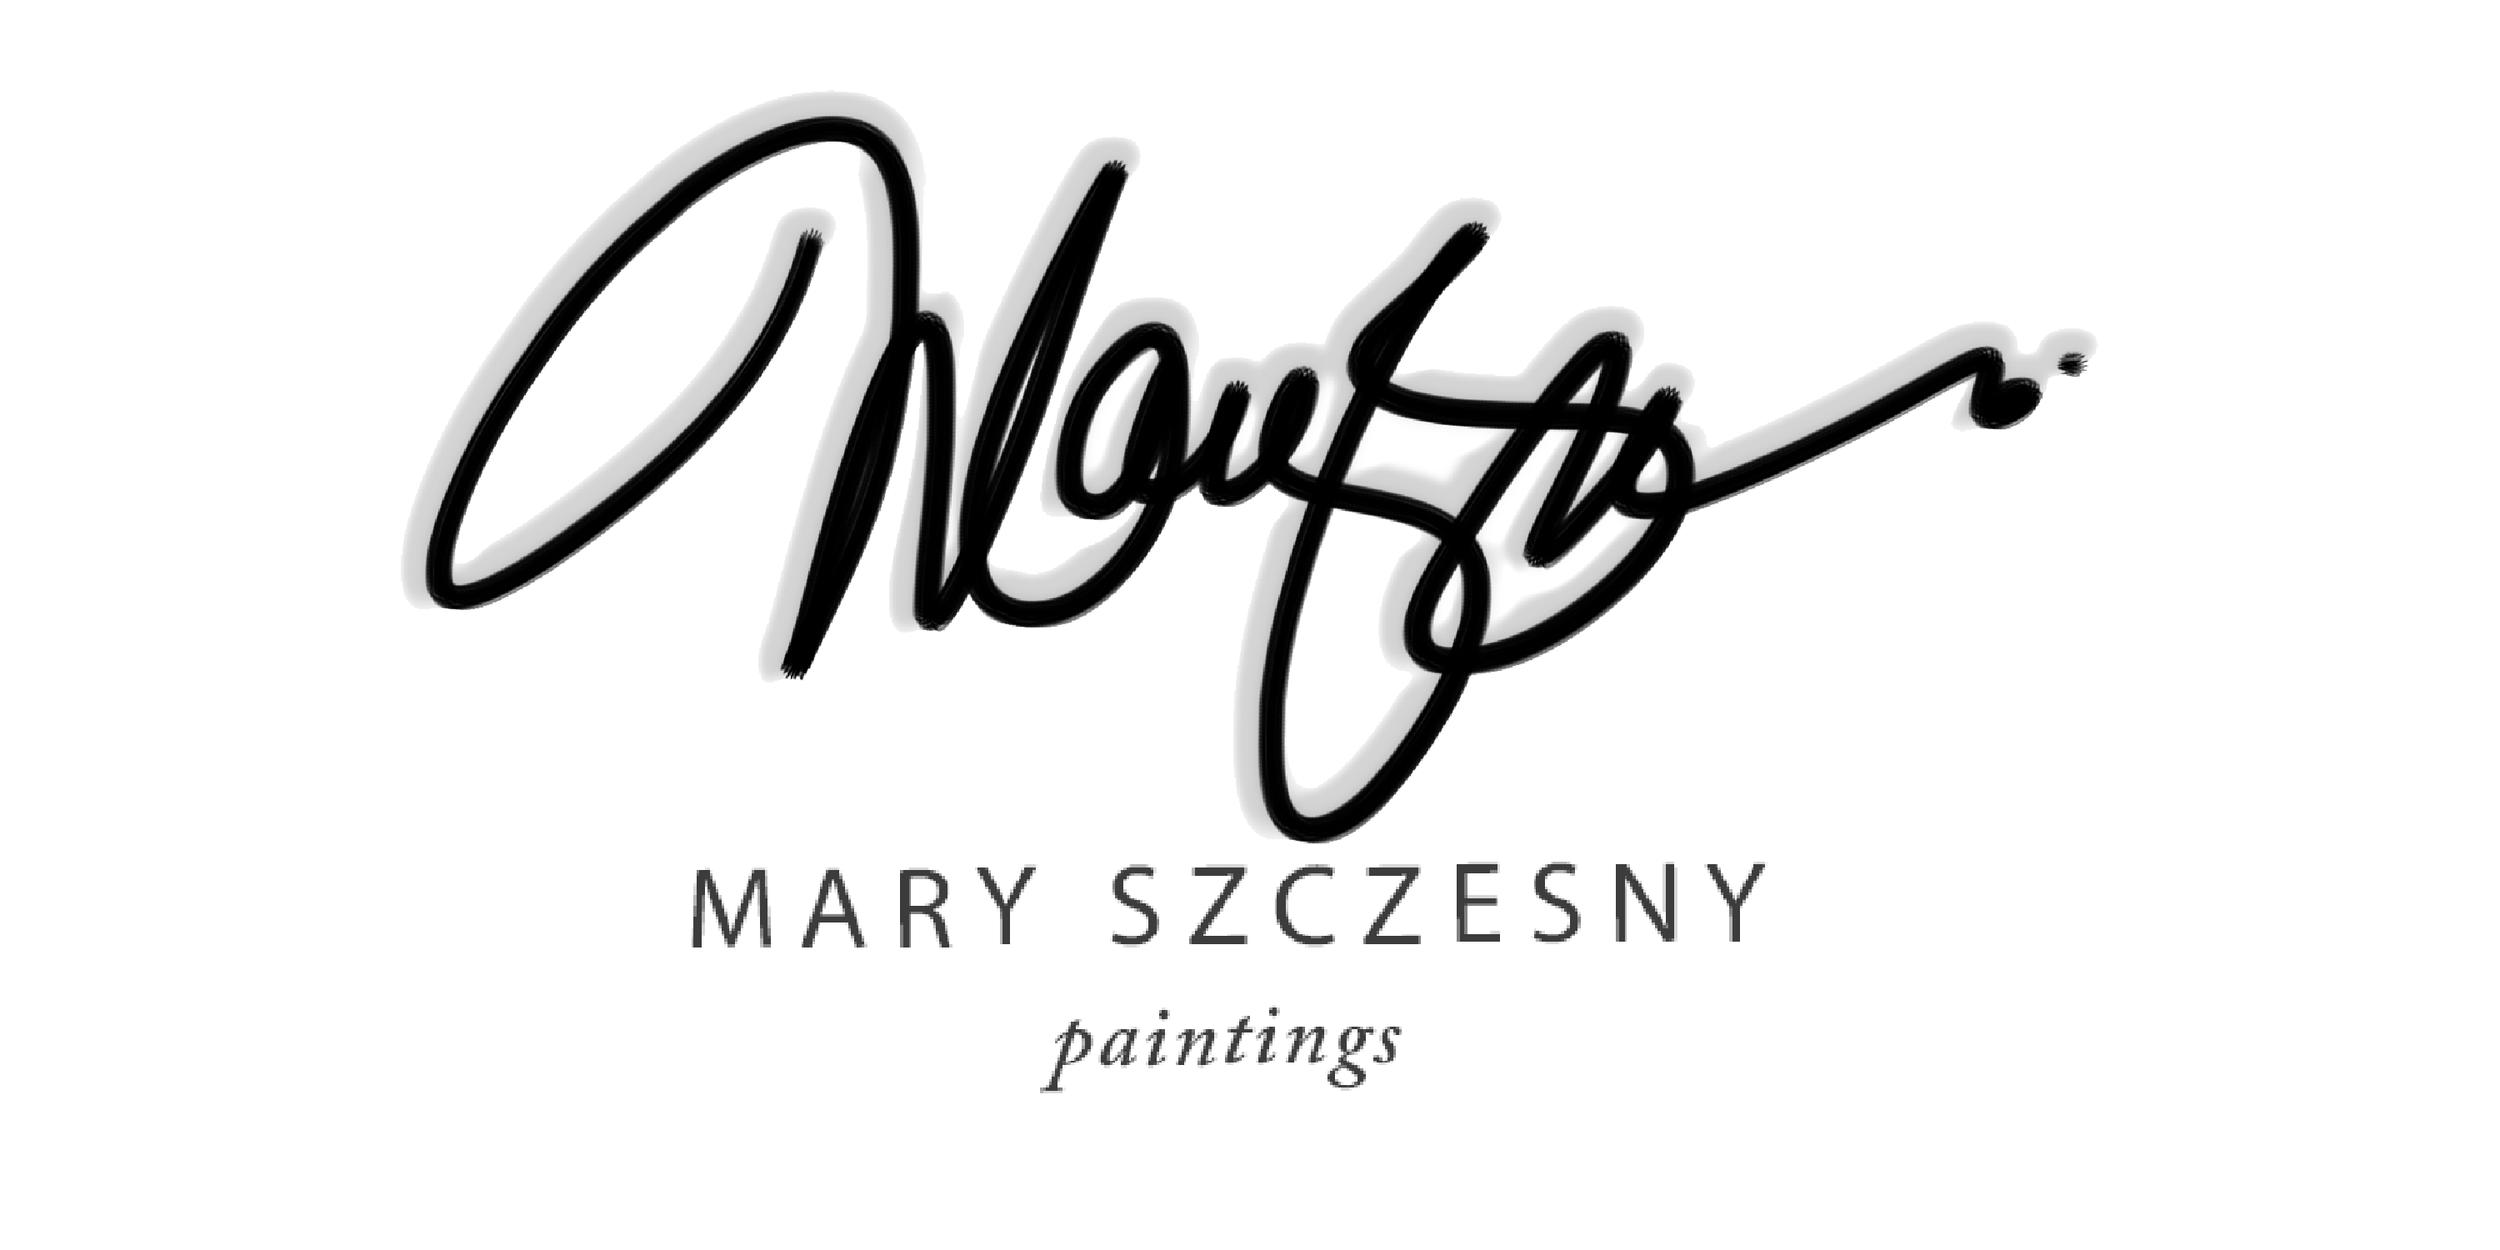 MarySzczesny